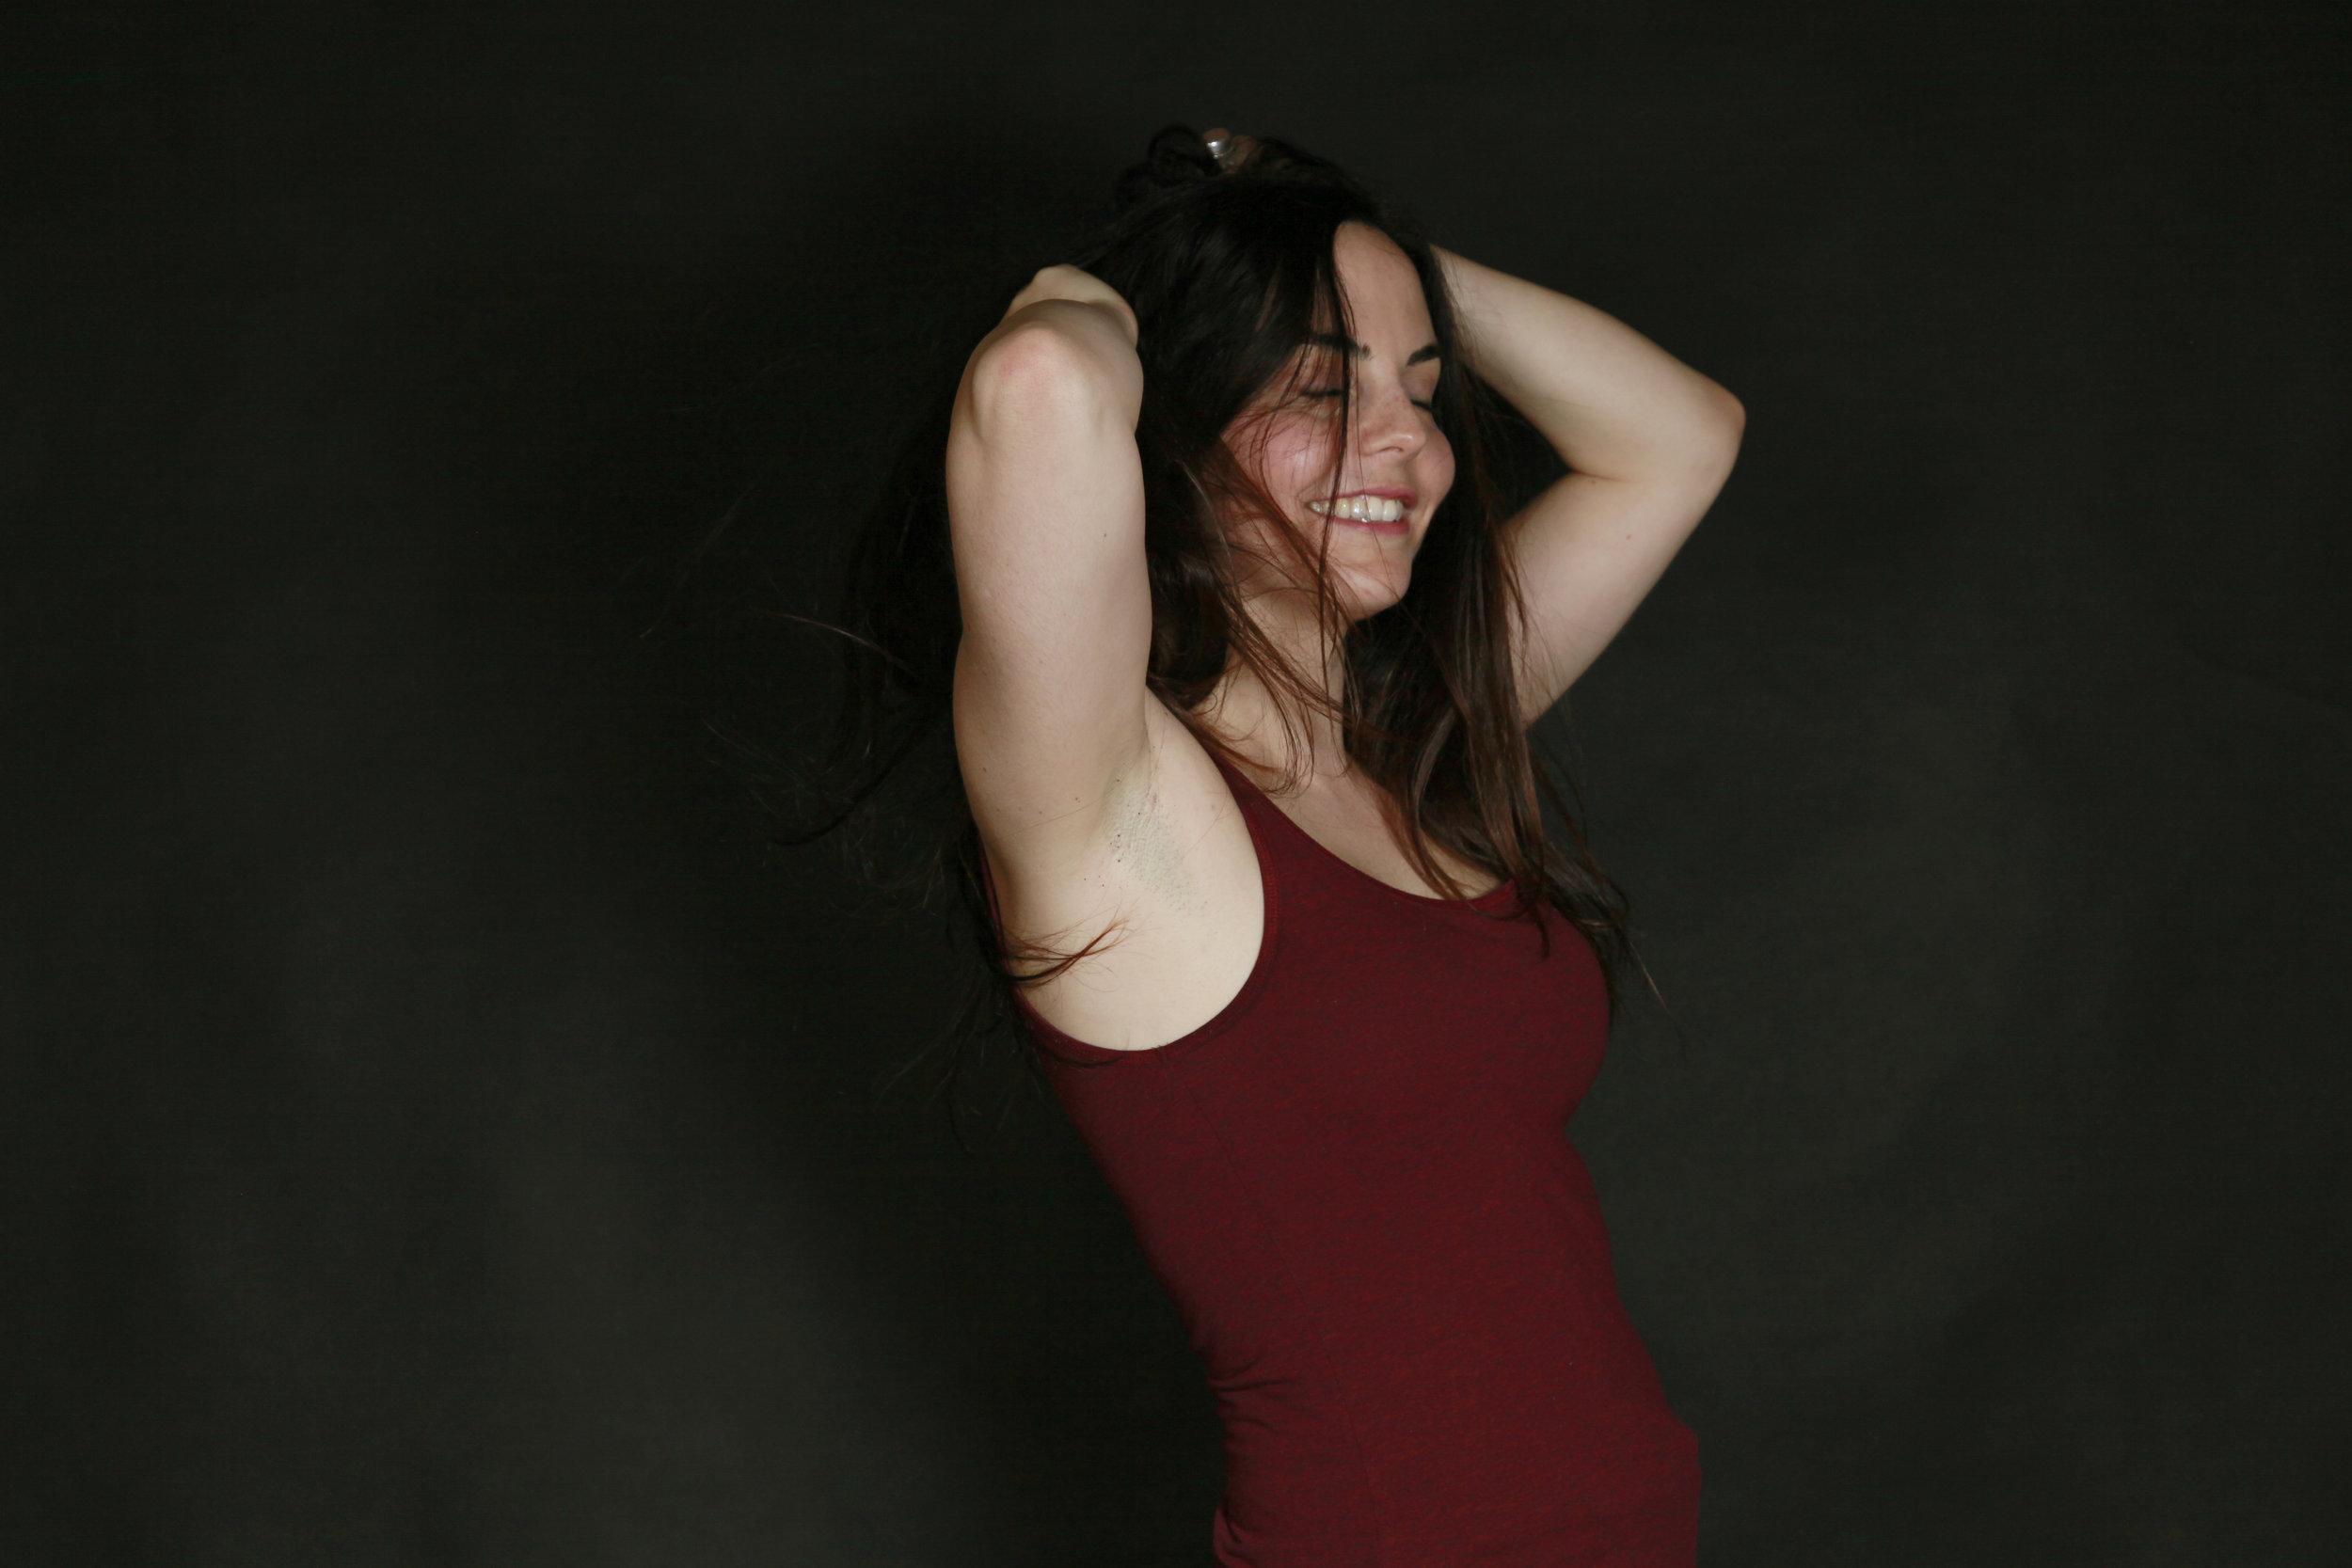 schluss-mit-mindfuck-wie-du-es-schaffen-kannst-mehr-selbstwertgefhl-und-eine-liebevollere-beziehung-zu-dir-selbst-aufzubauen.jpg